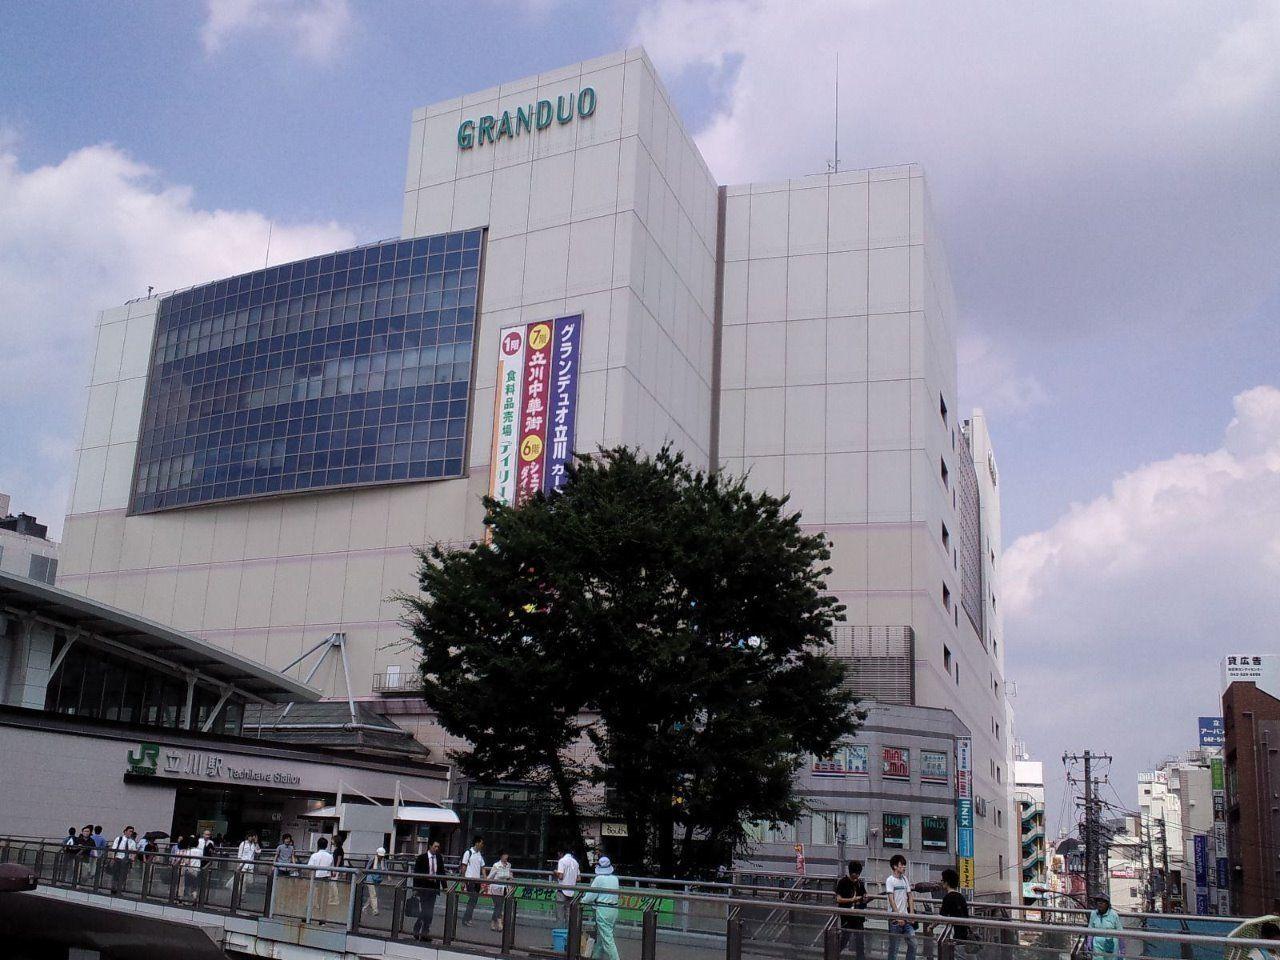 立川駅には他にもルミネをはじめとした商業施設が多数